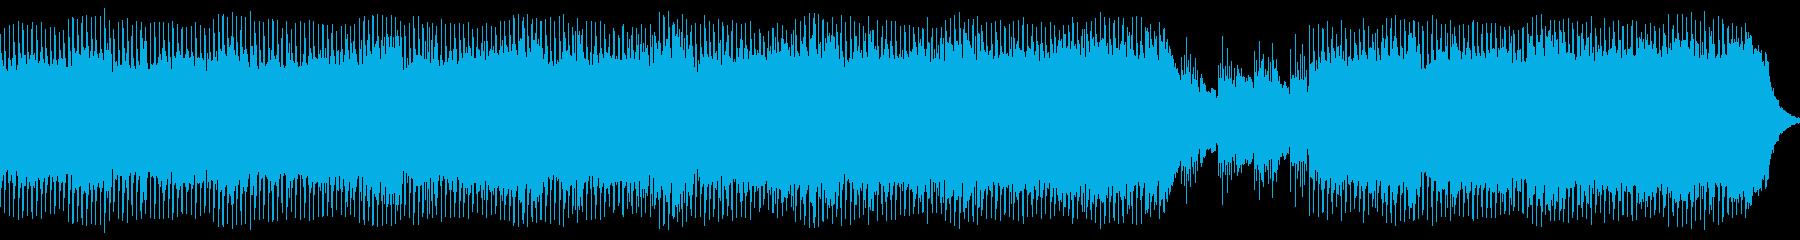 困難に立ち向かう、応援ソングの再生済みの波形